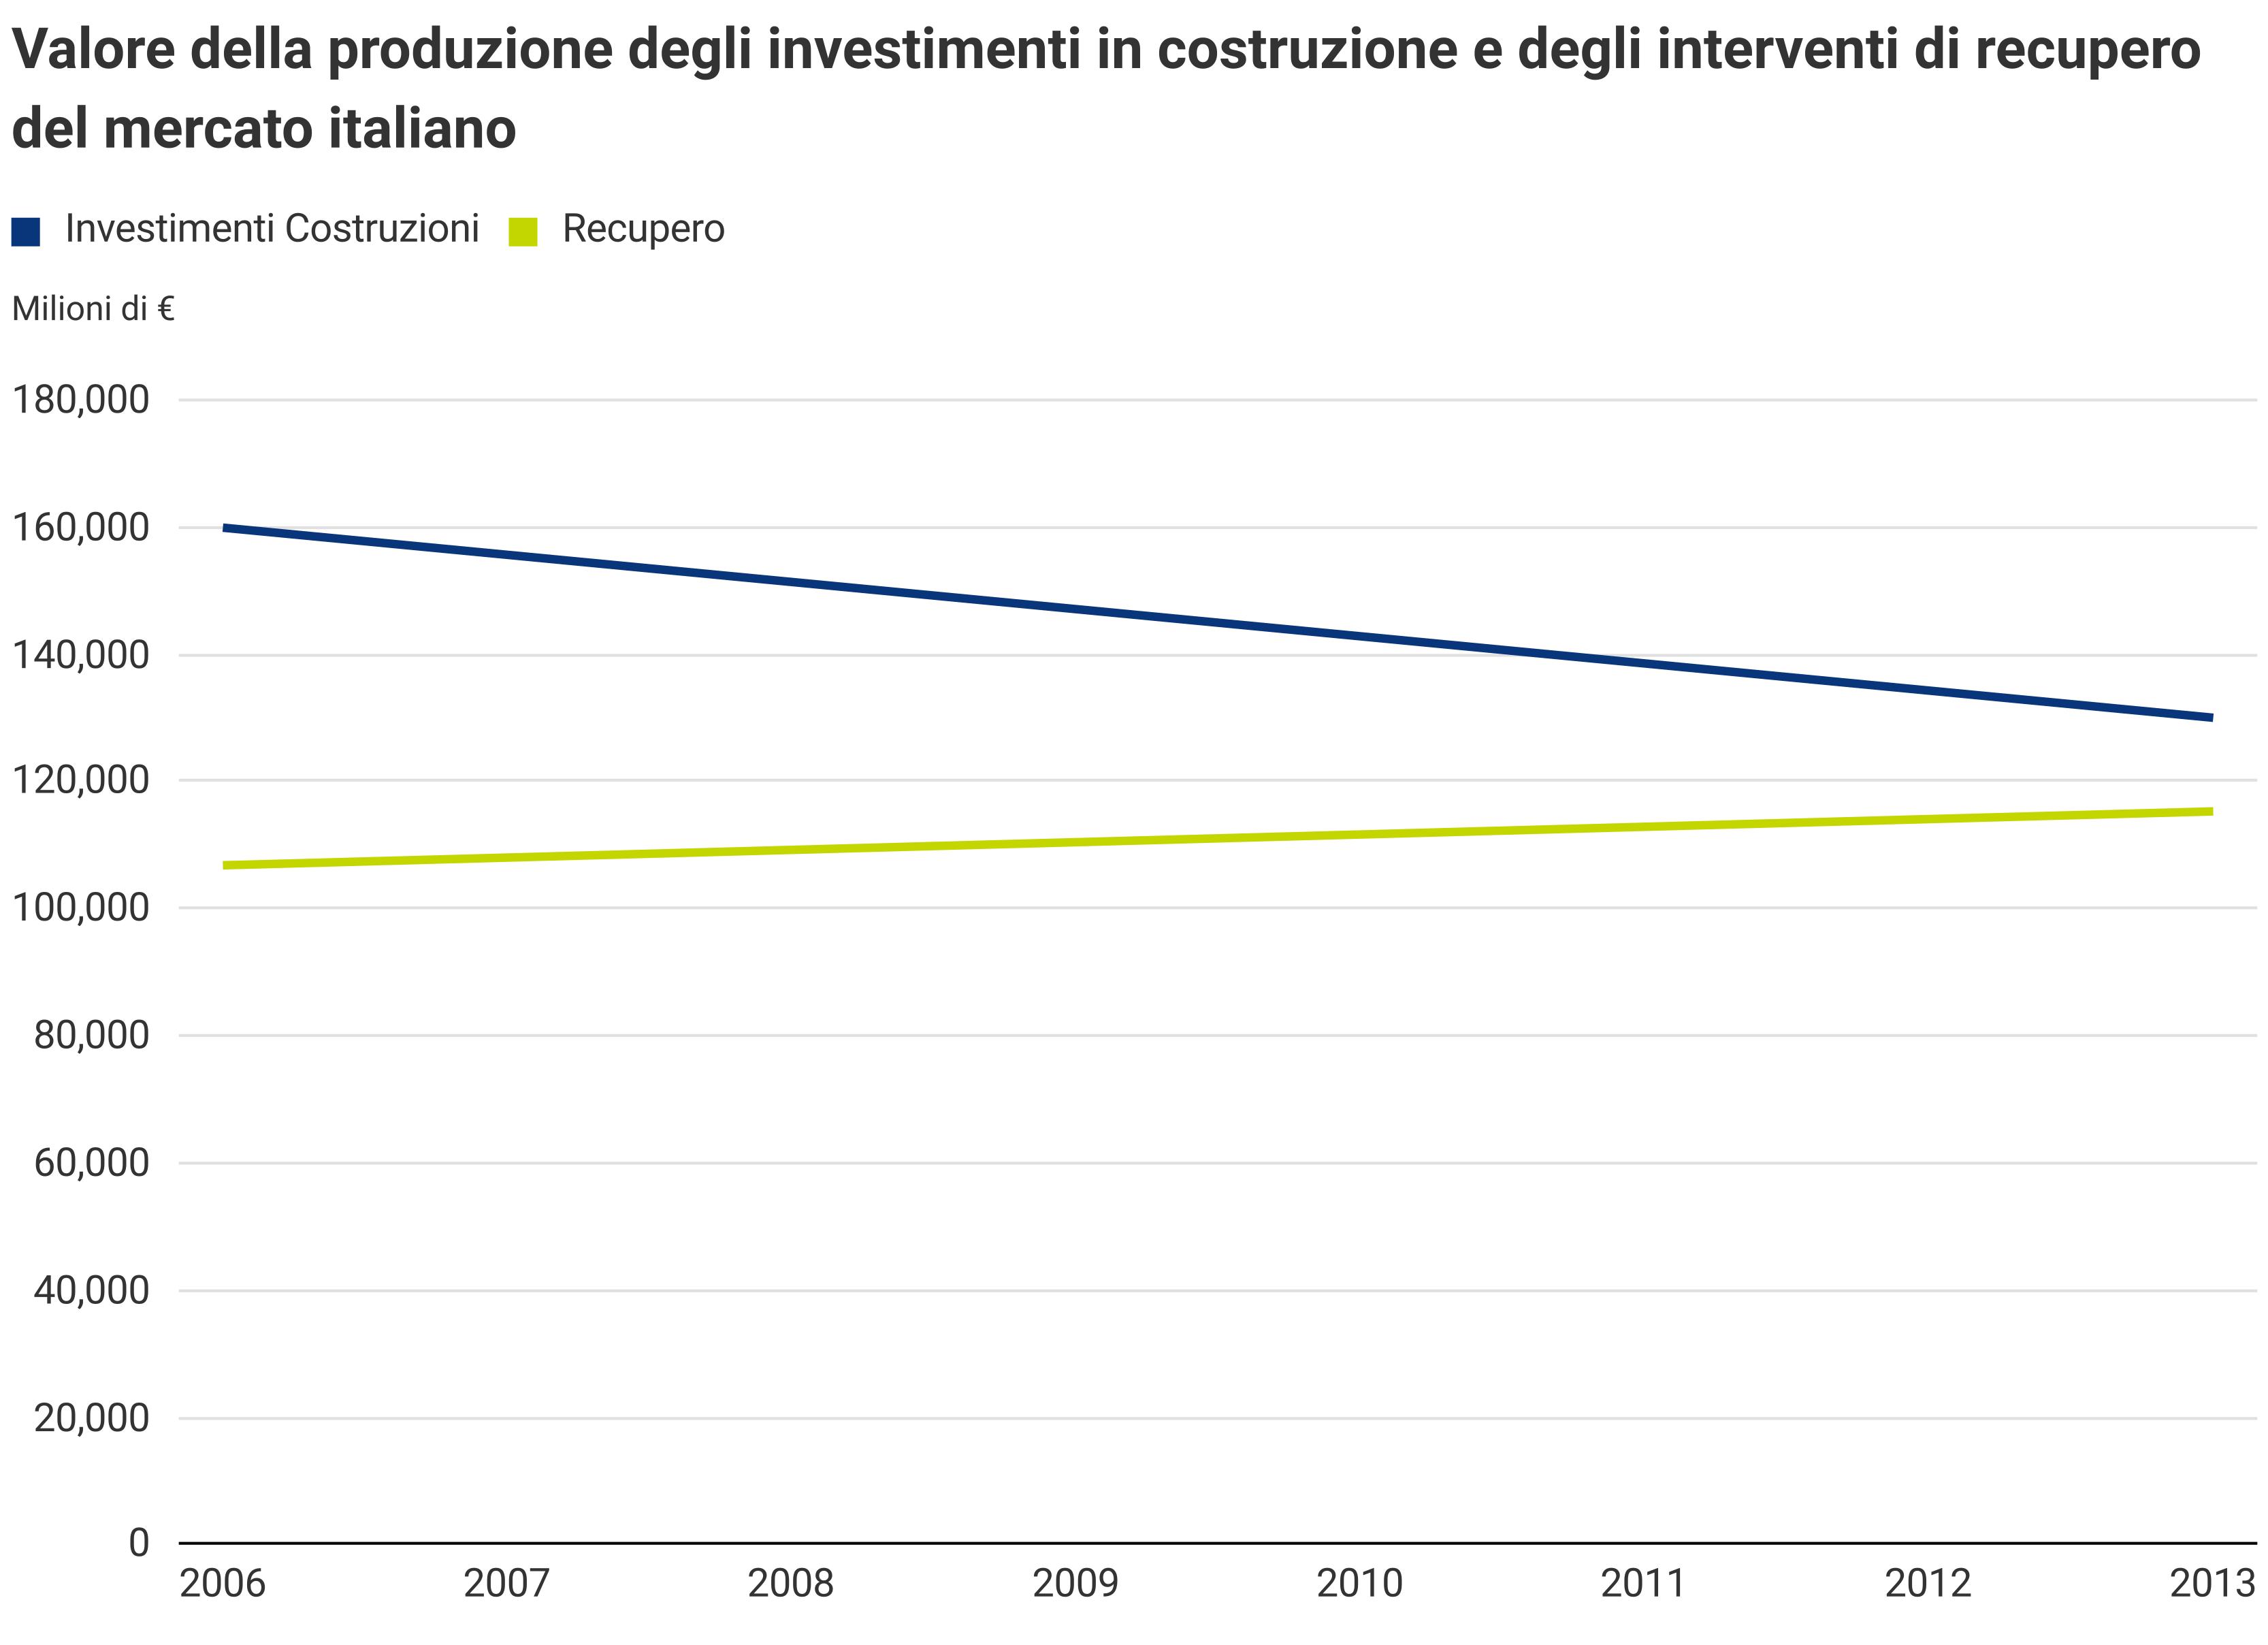 Valore produzione investimenti in costruzione e interventi di recupero in Italia